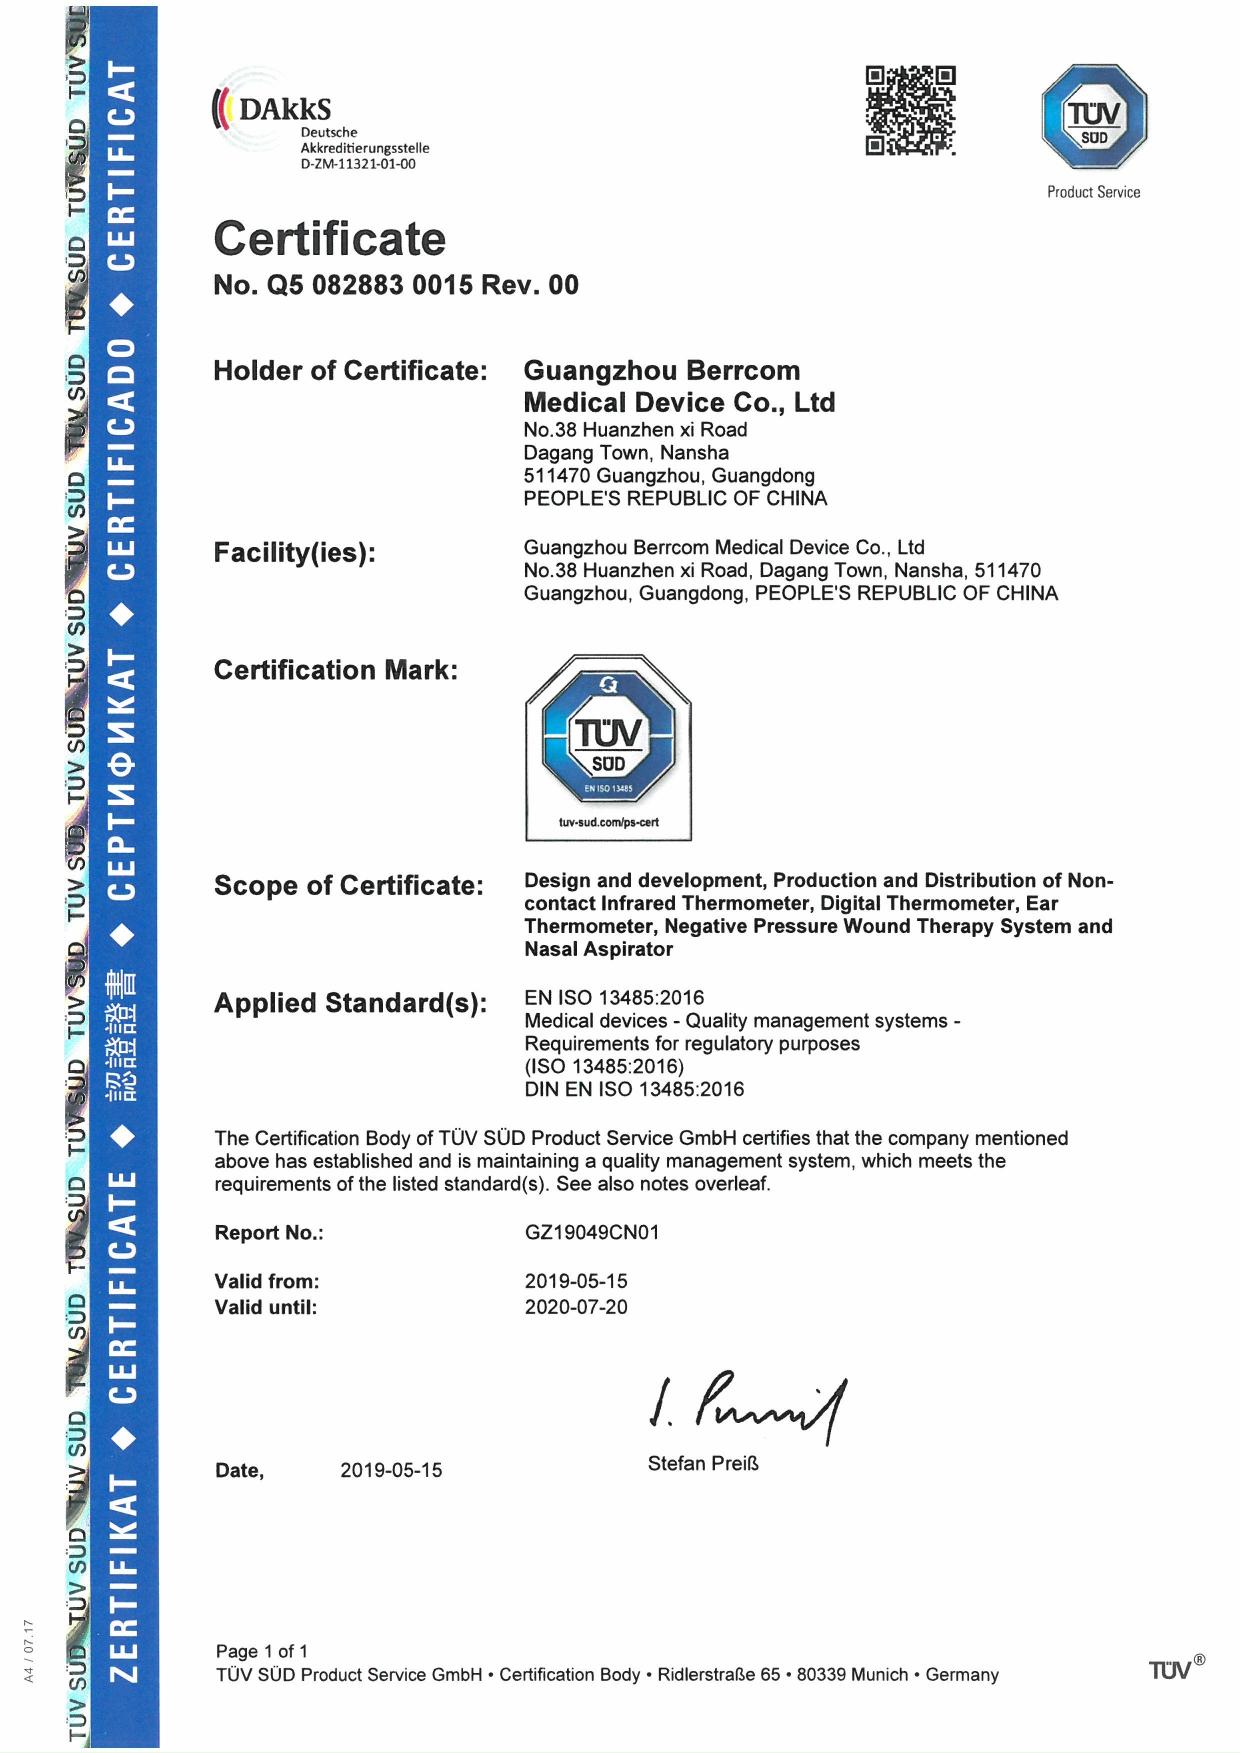 ISO13485 certificate Berrcom